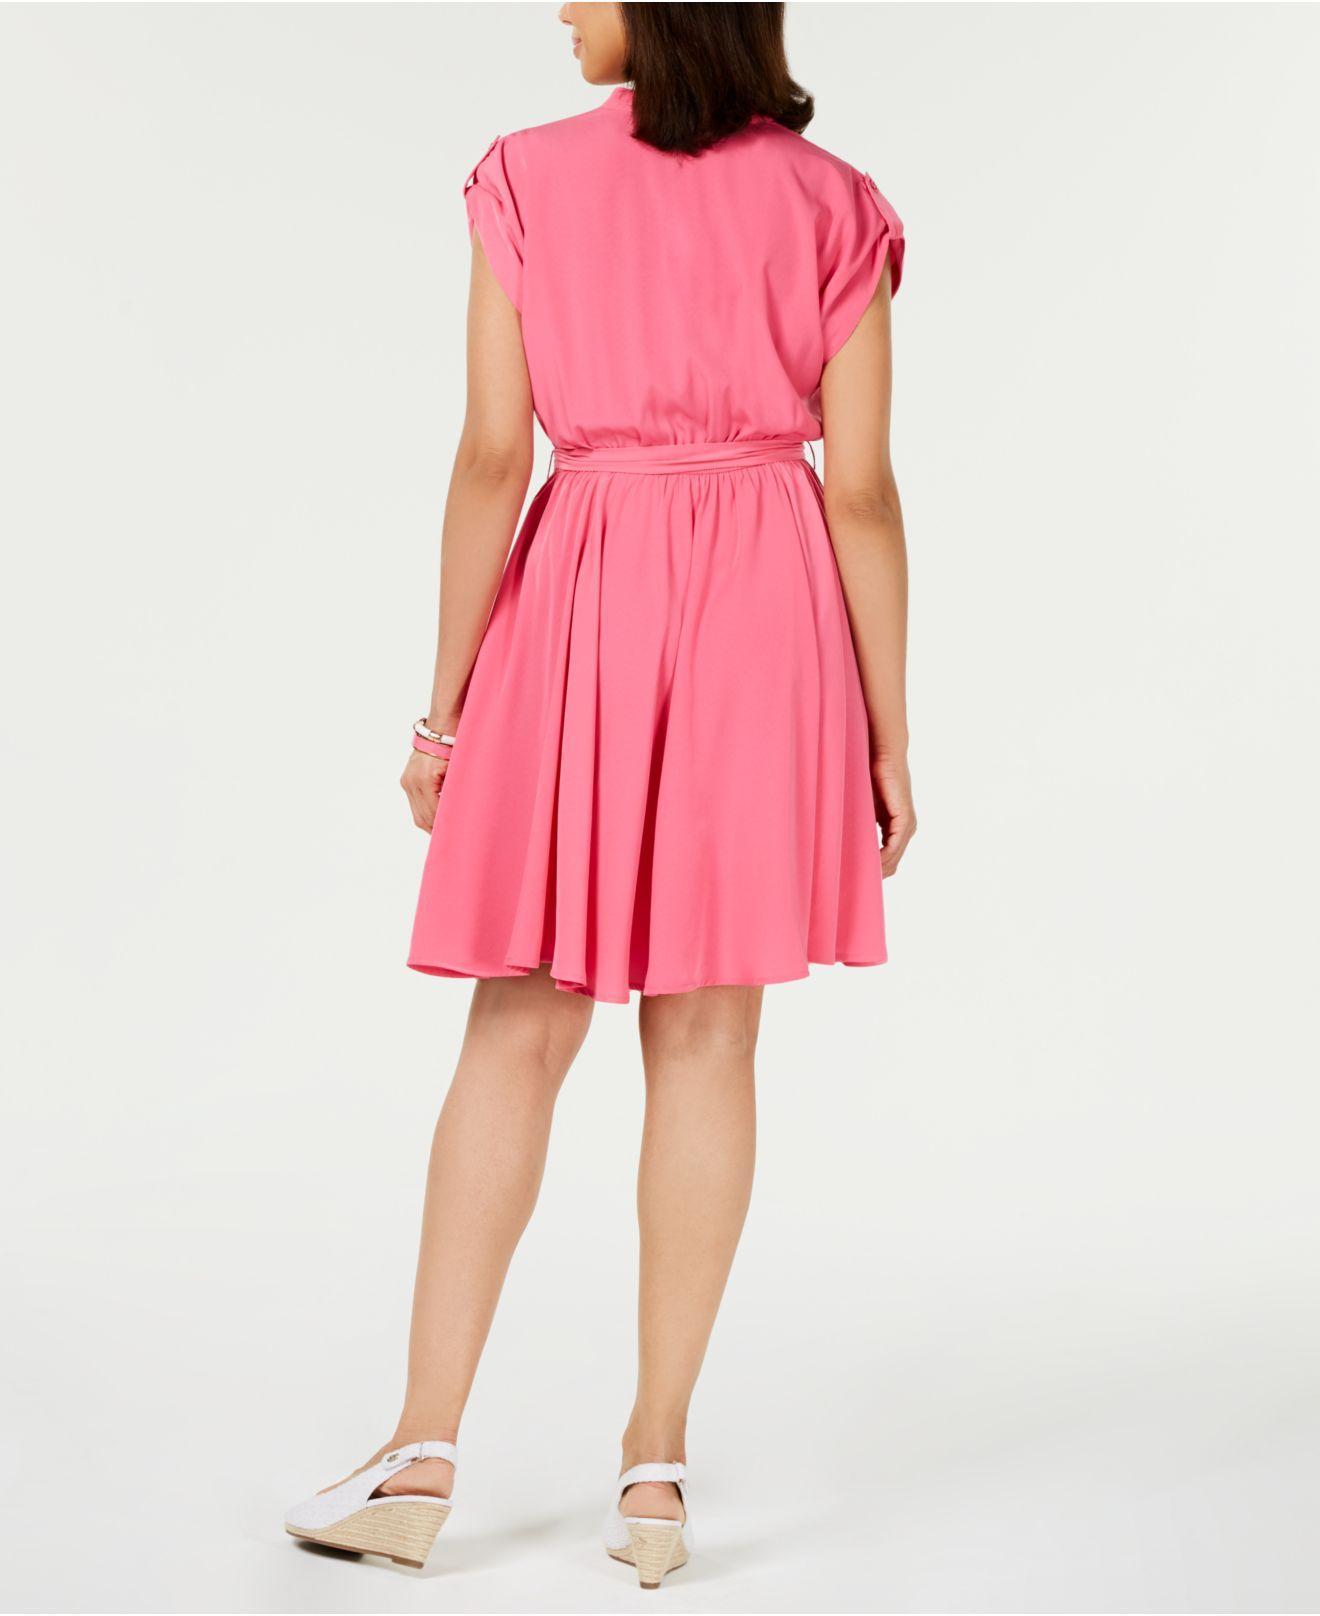 53651f2a6f Lyst - Charter Club Belted Dress